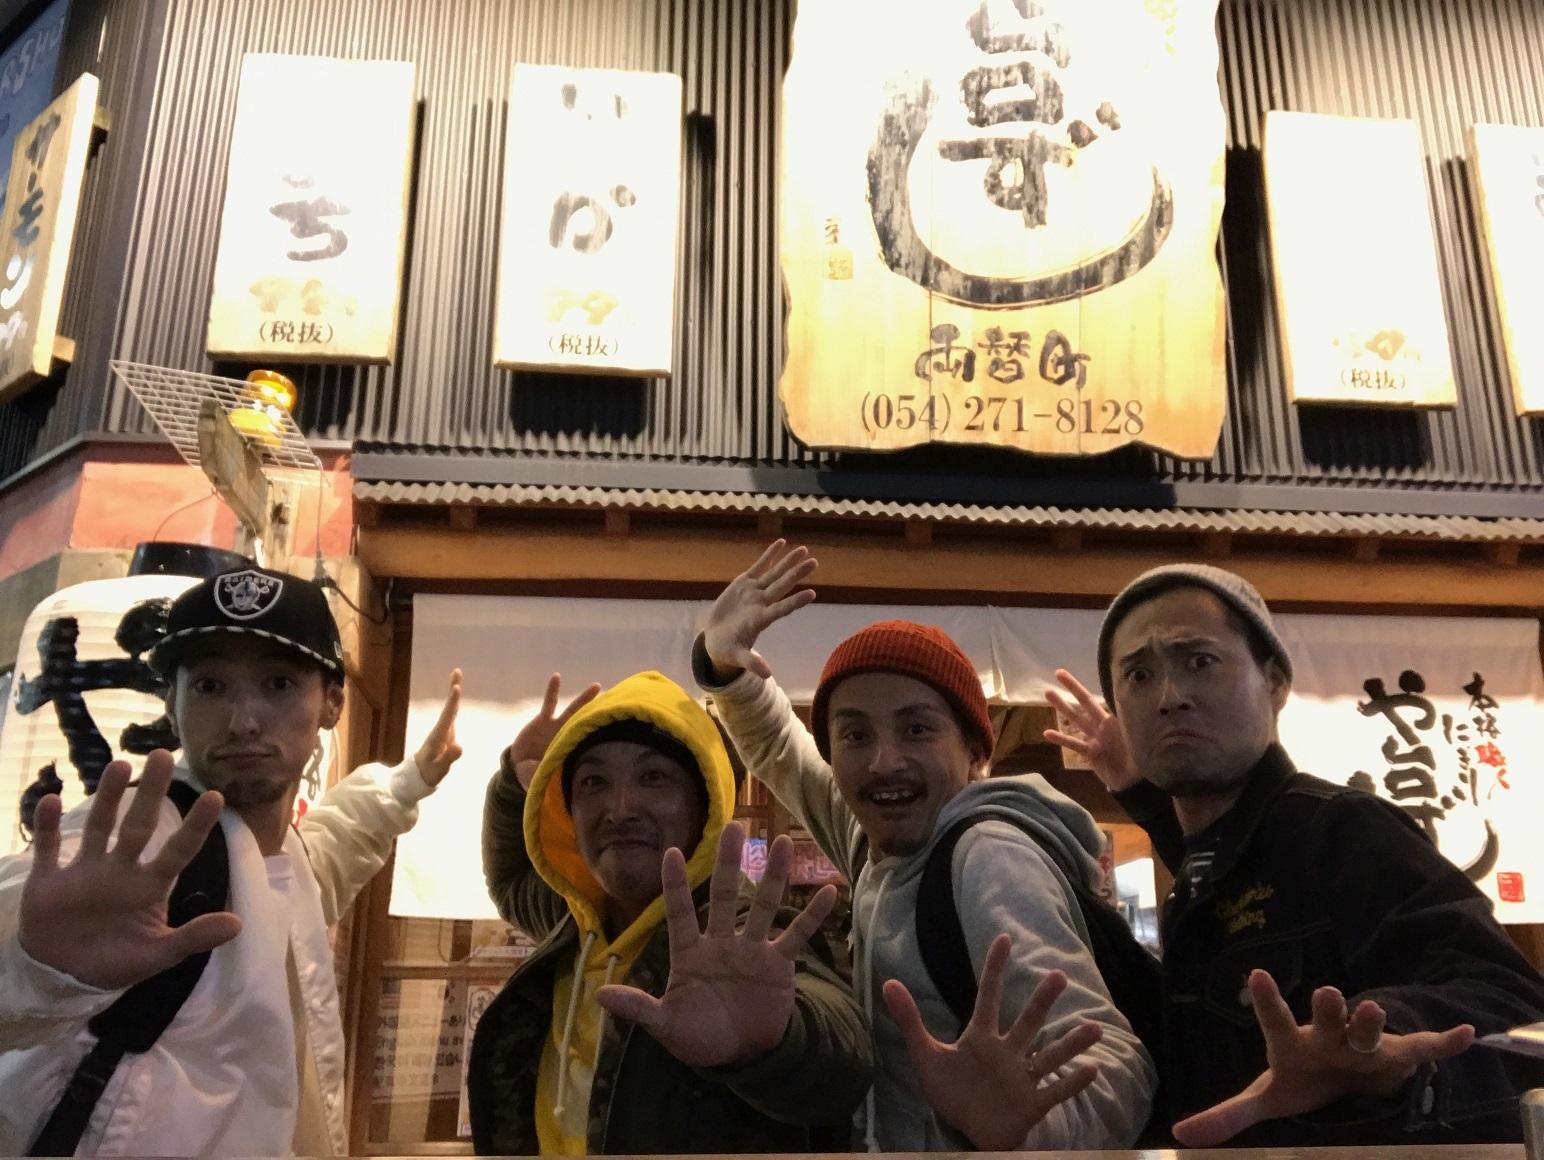 HOOD ダンススタジオ キッズダンス 静岡市清水区 ヒップホップ HOOD ダンススタジオ キッズダンス 静岡市清水区 ヒップホップ